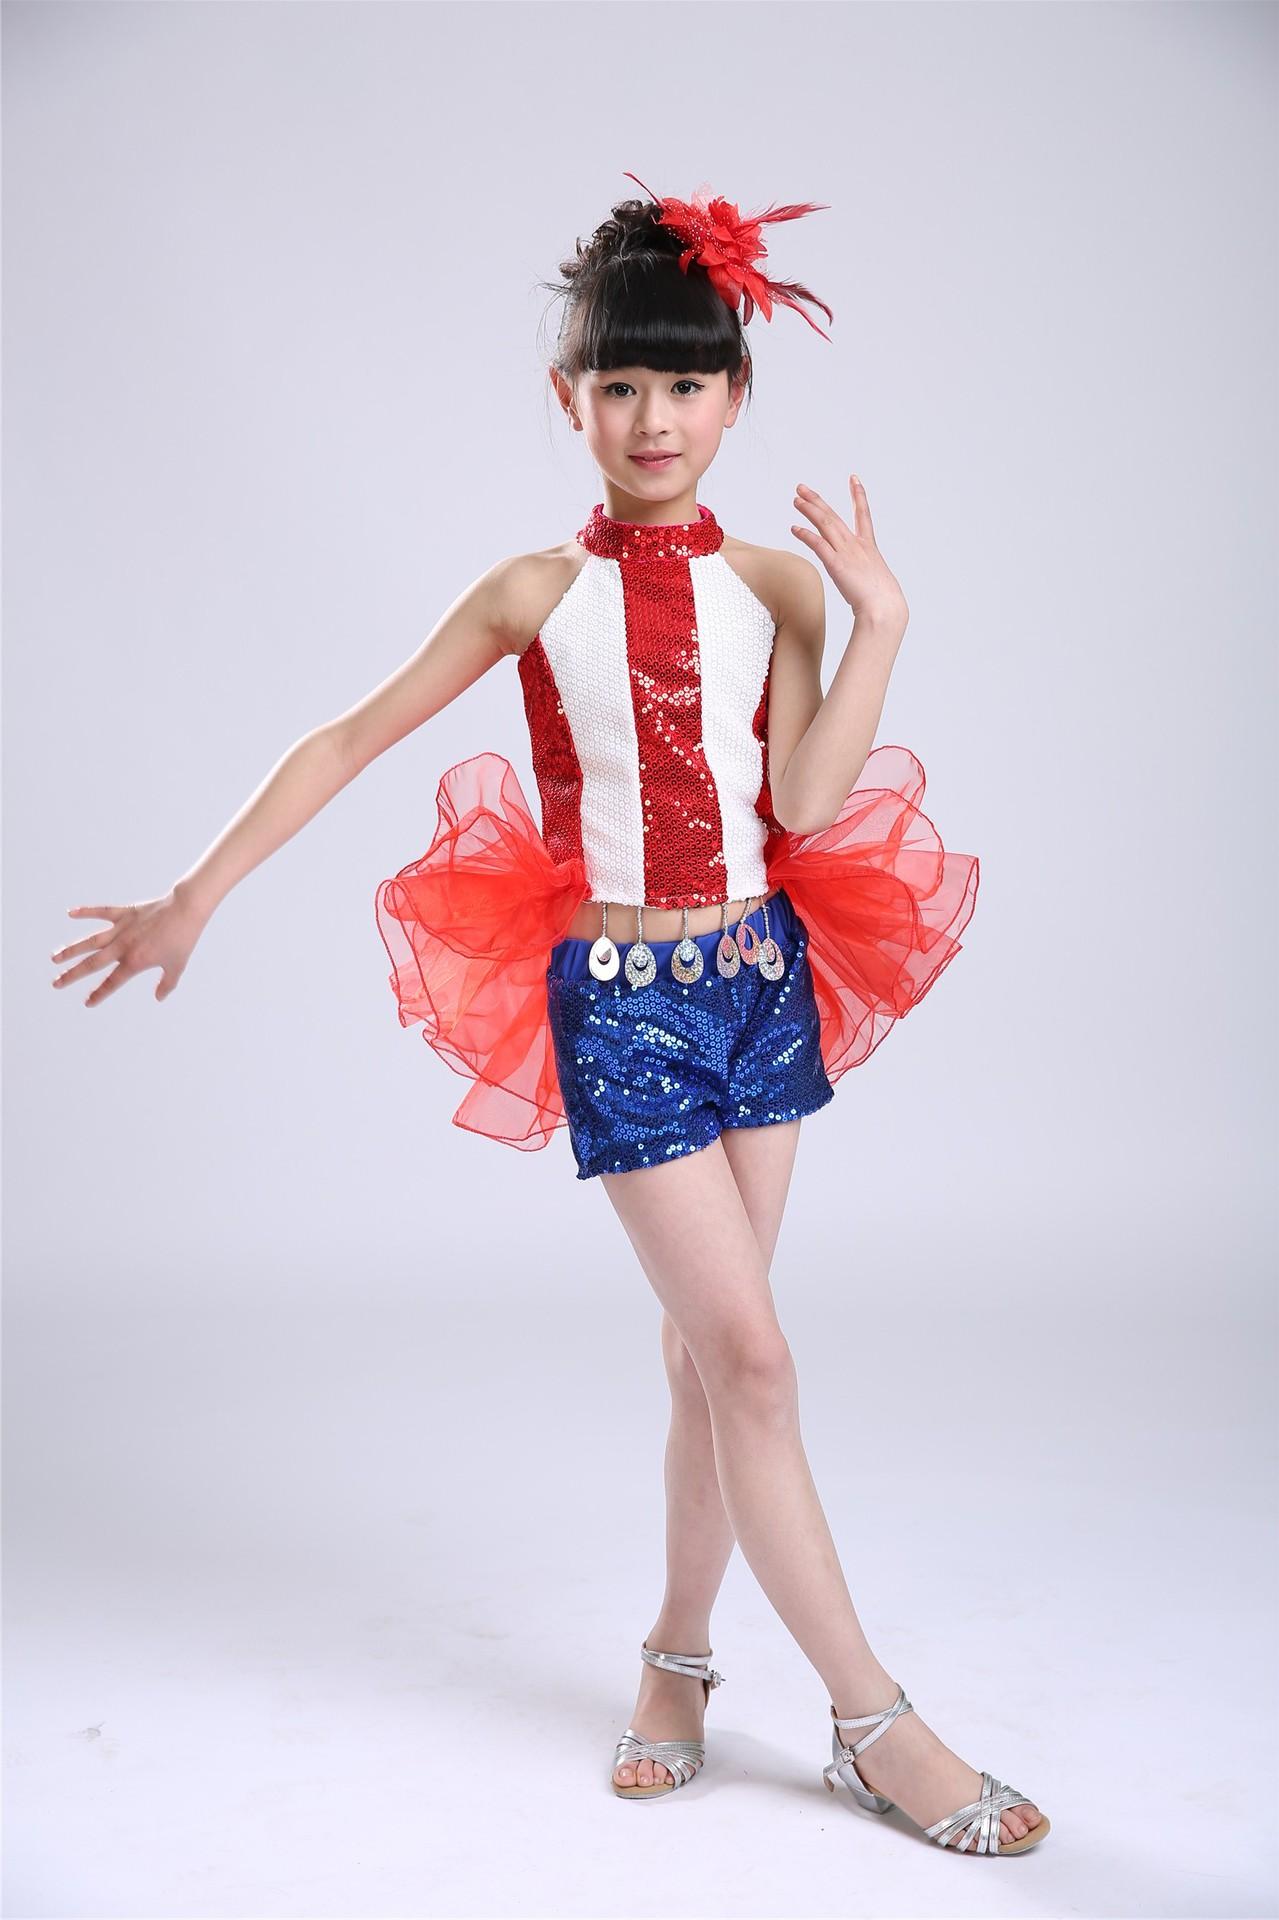 2015新款儿童爵士舞演出服女幼儿亮片演出服装儿童燕尾爵士舞服装